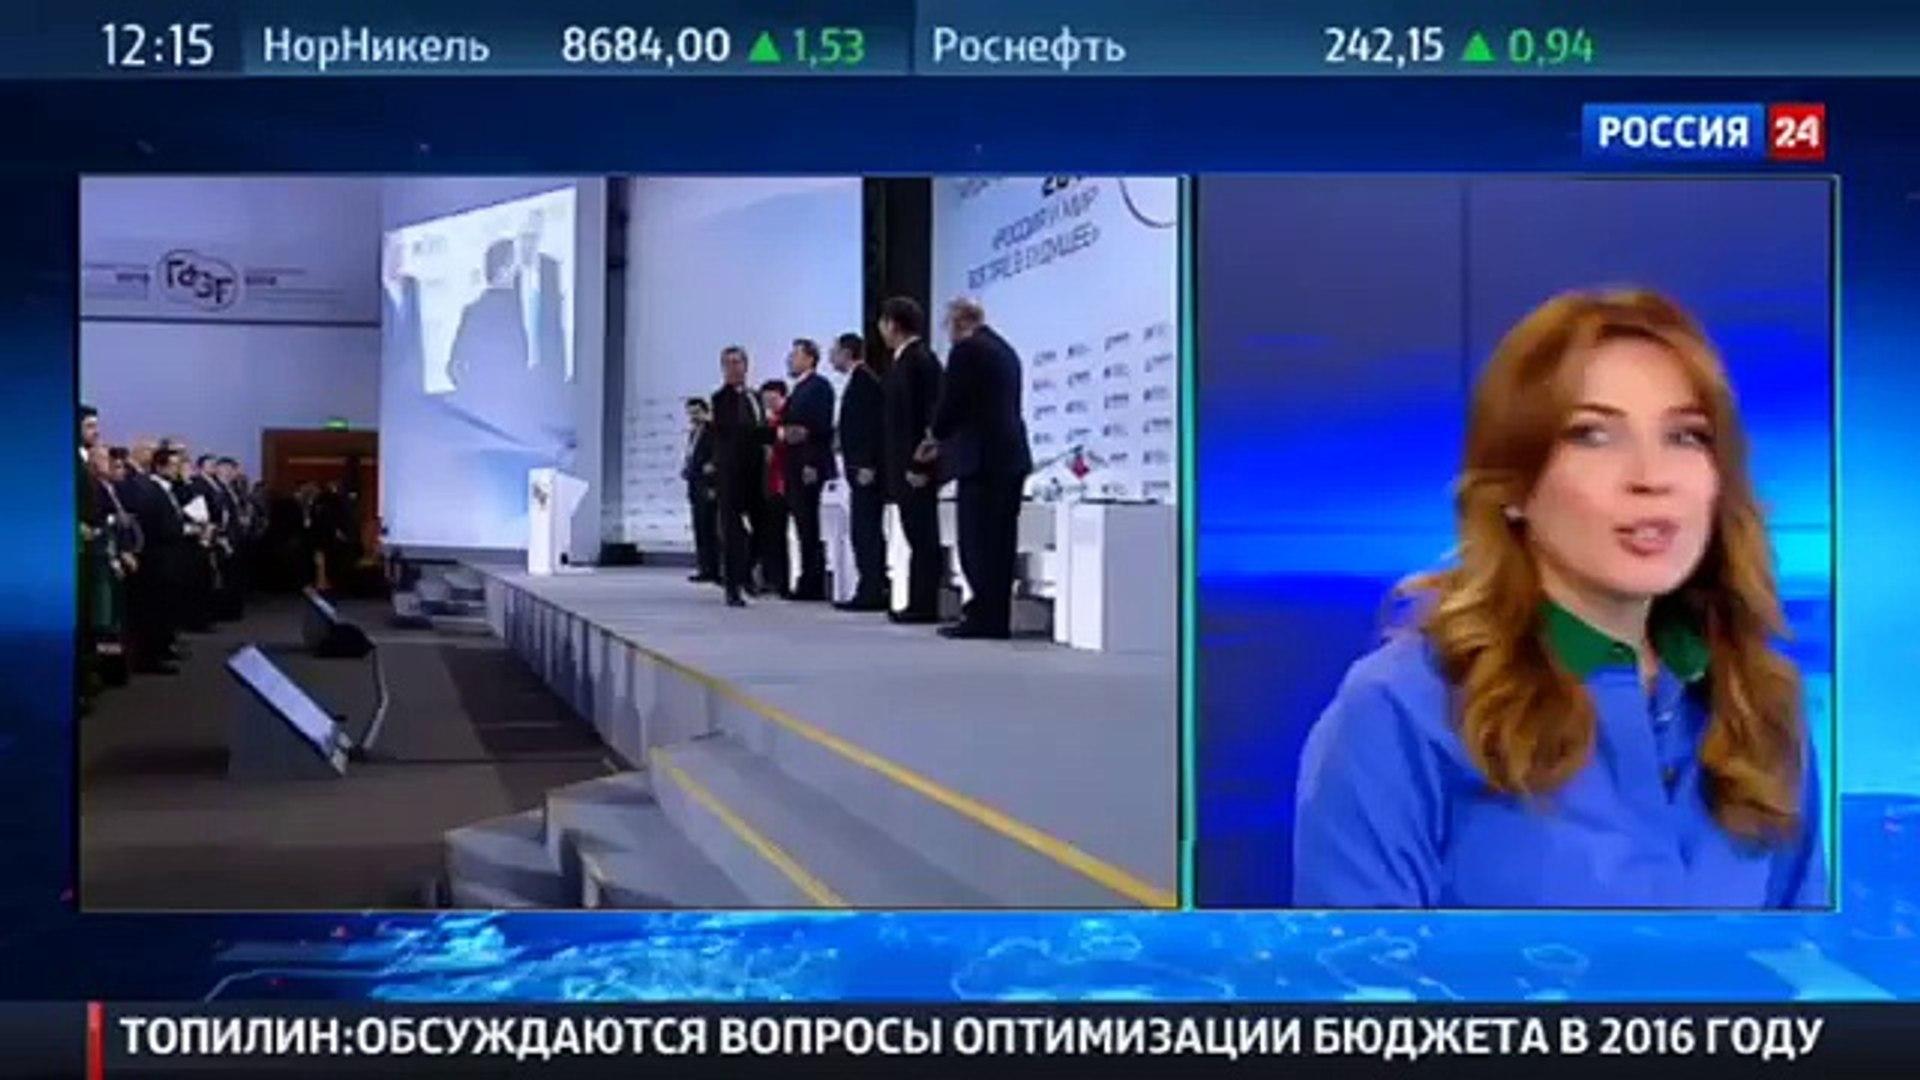 Выступление Дмитрия Медведева на Гайдаровском форуме